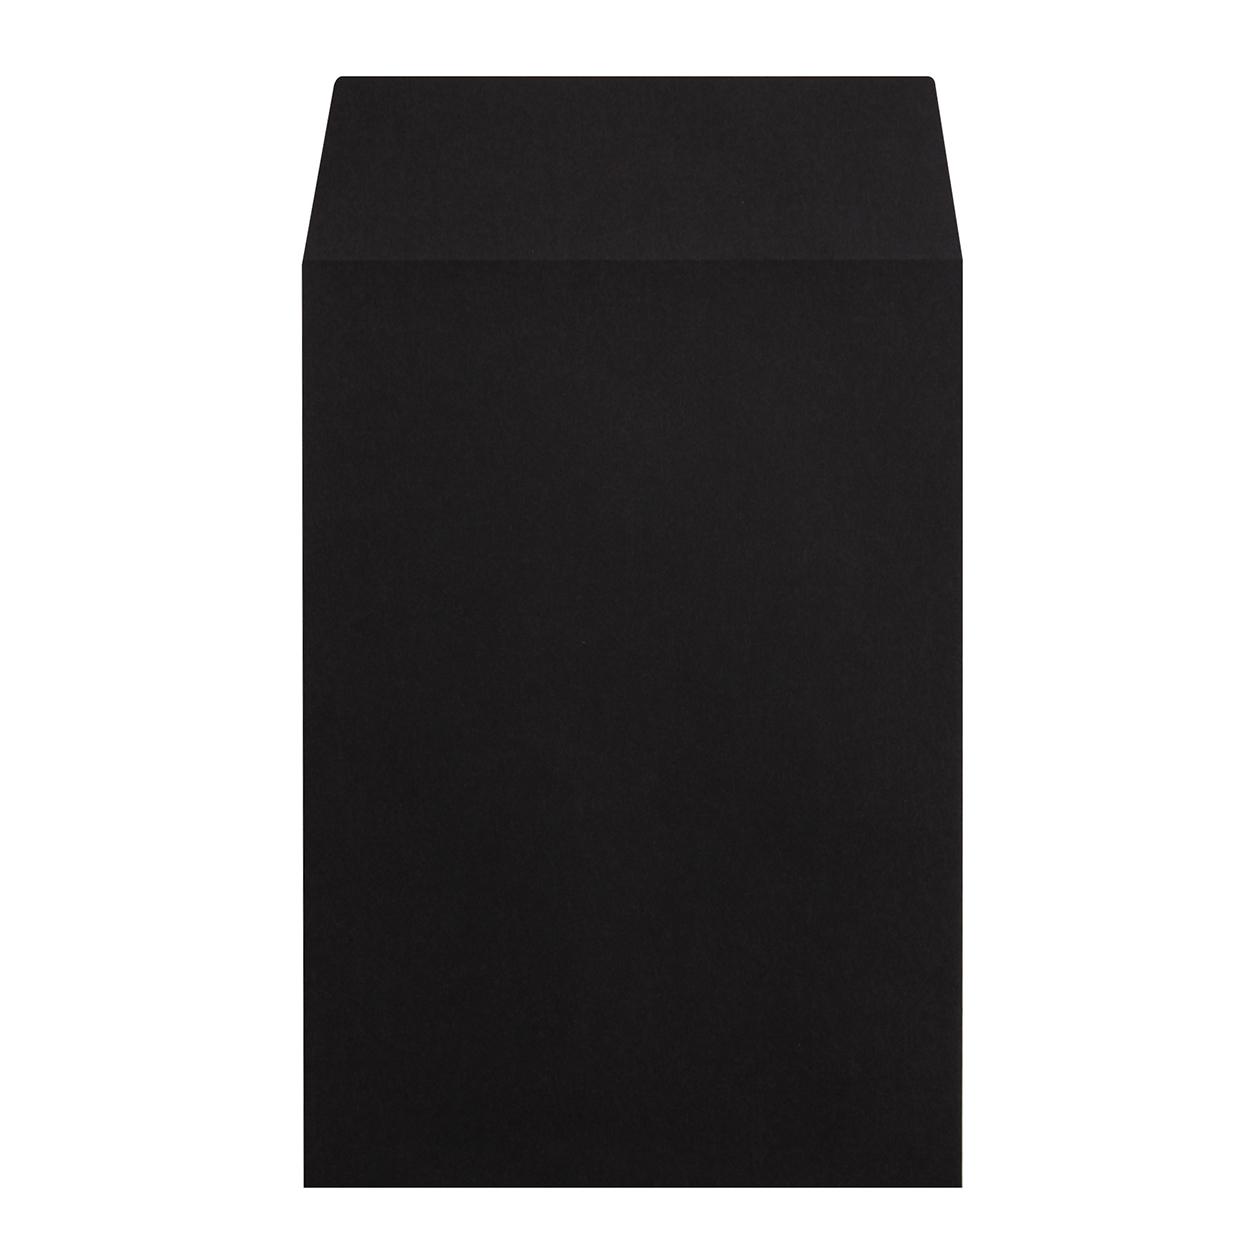 角6封筒 コニーカラー ブラック 100g